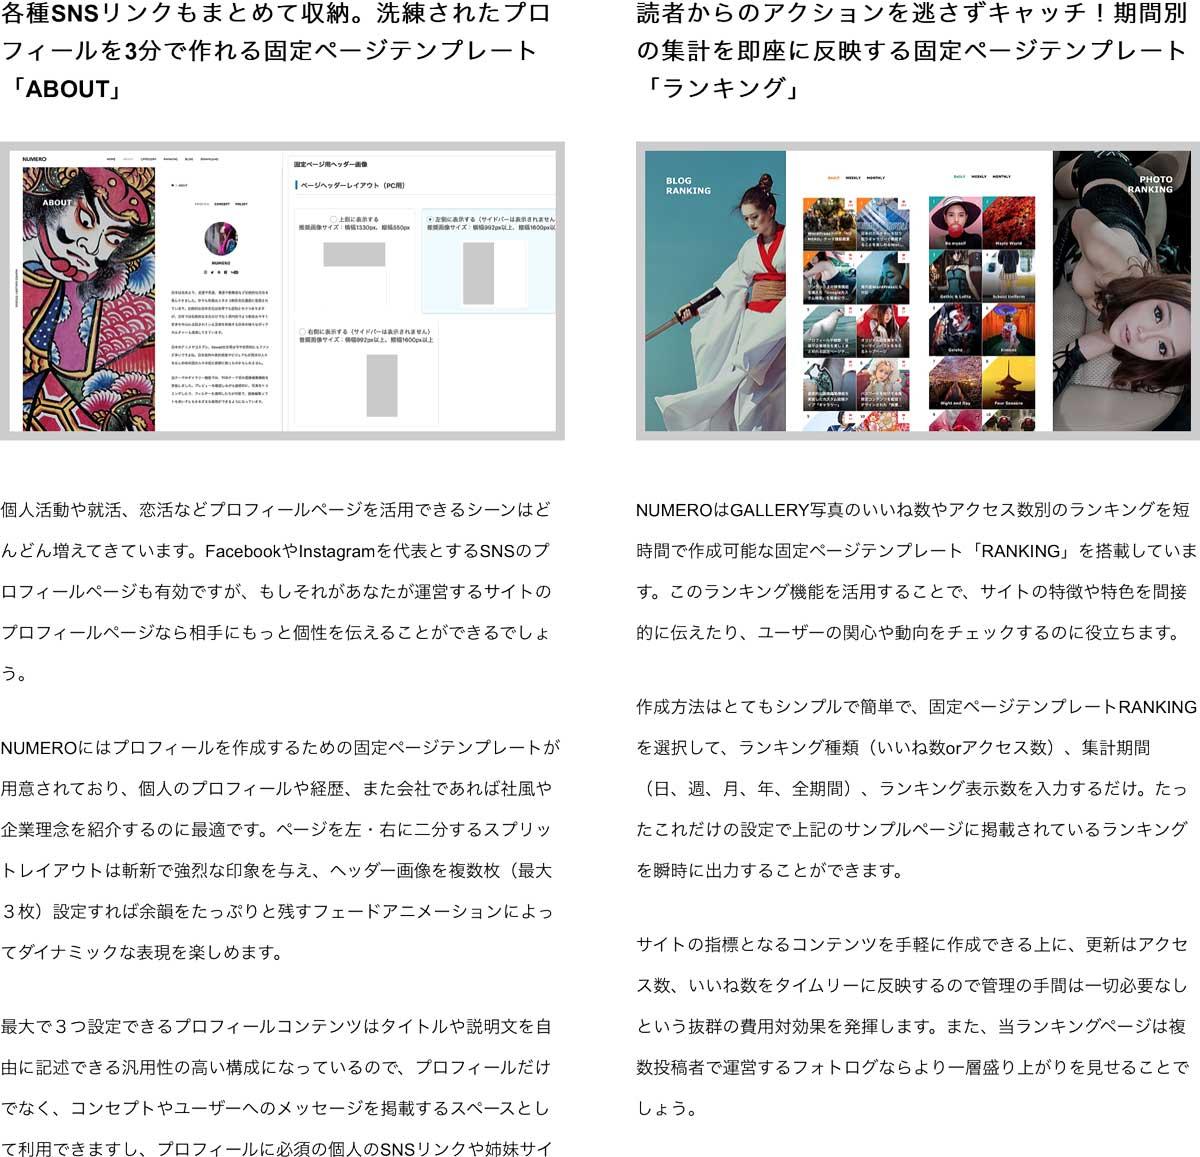 画像レタッチ機能を搭載したギャラリー型ブログテーマ(WPテーマ、ワードプレステーマ) wordpress_free_themes_tcd070_05